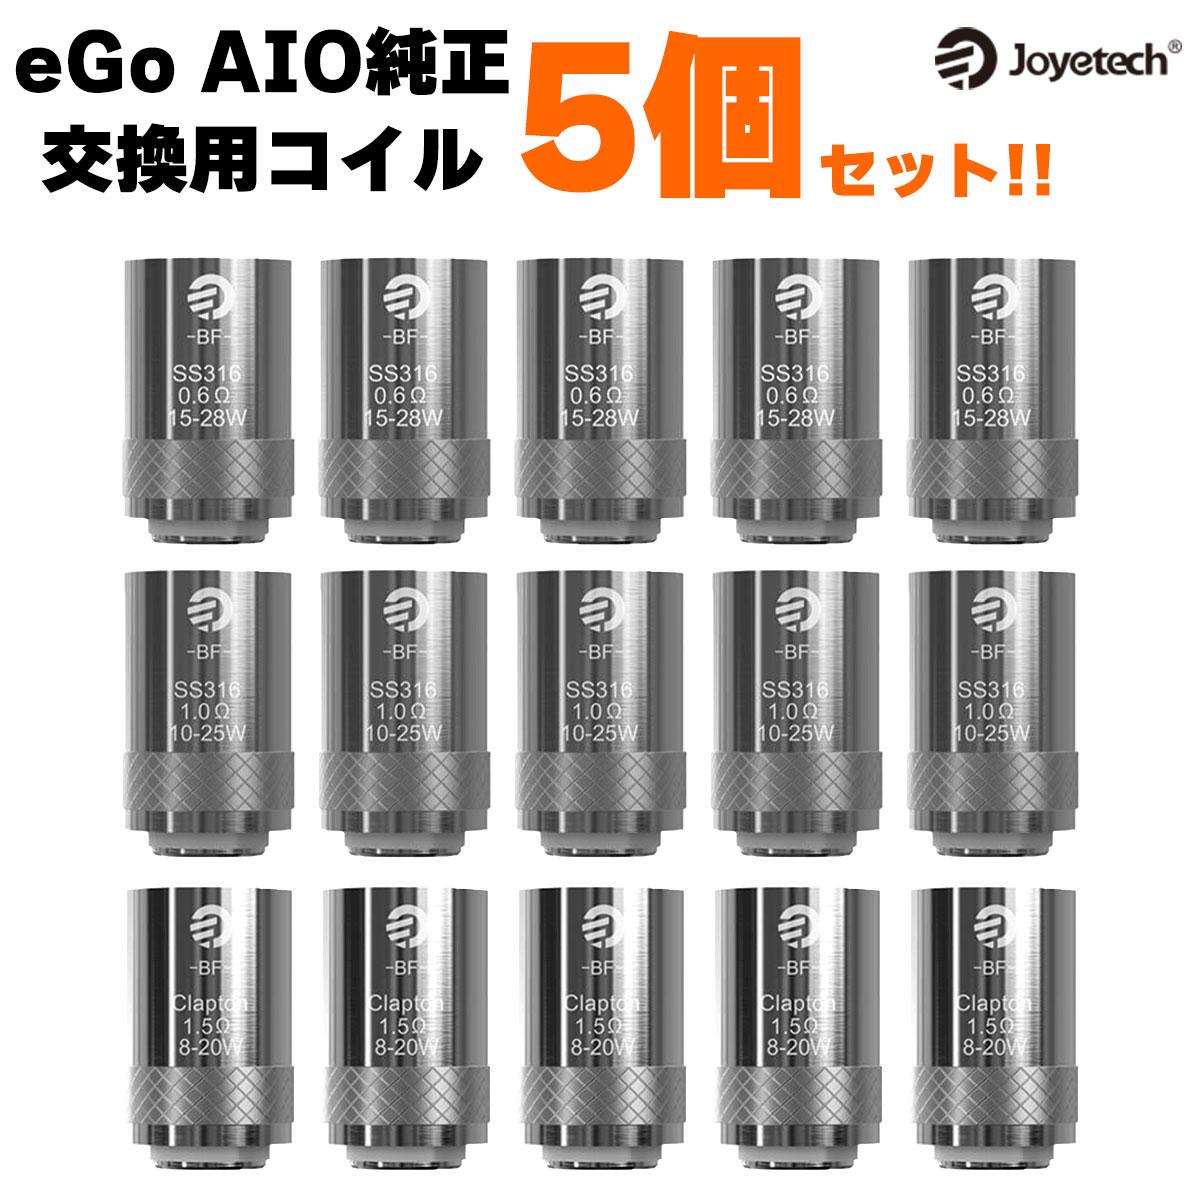 Joyetech eGo セール特価 AIO コイル 新色追加 交換用コイル 0.6Ω 1.0Ω 1.5Ω joyetech 交換用 ジョイテック ニコチン0 BFコイル AIO用コイル vape タール 電子タバコ